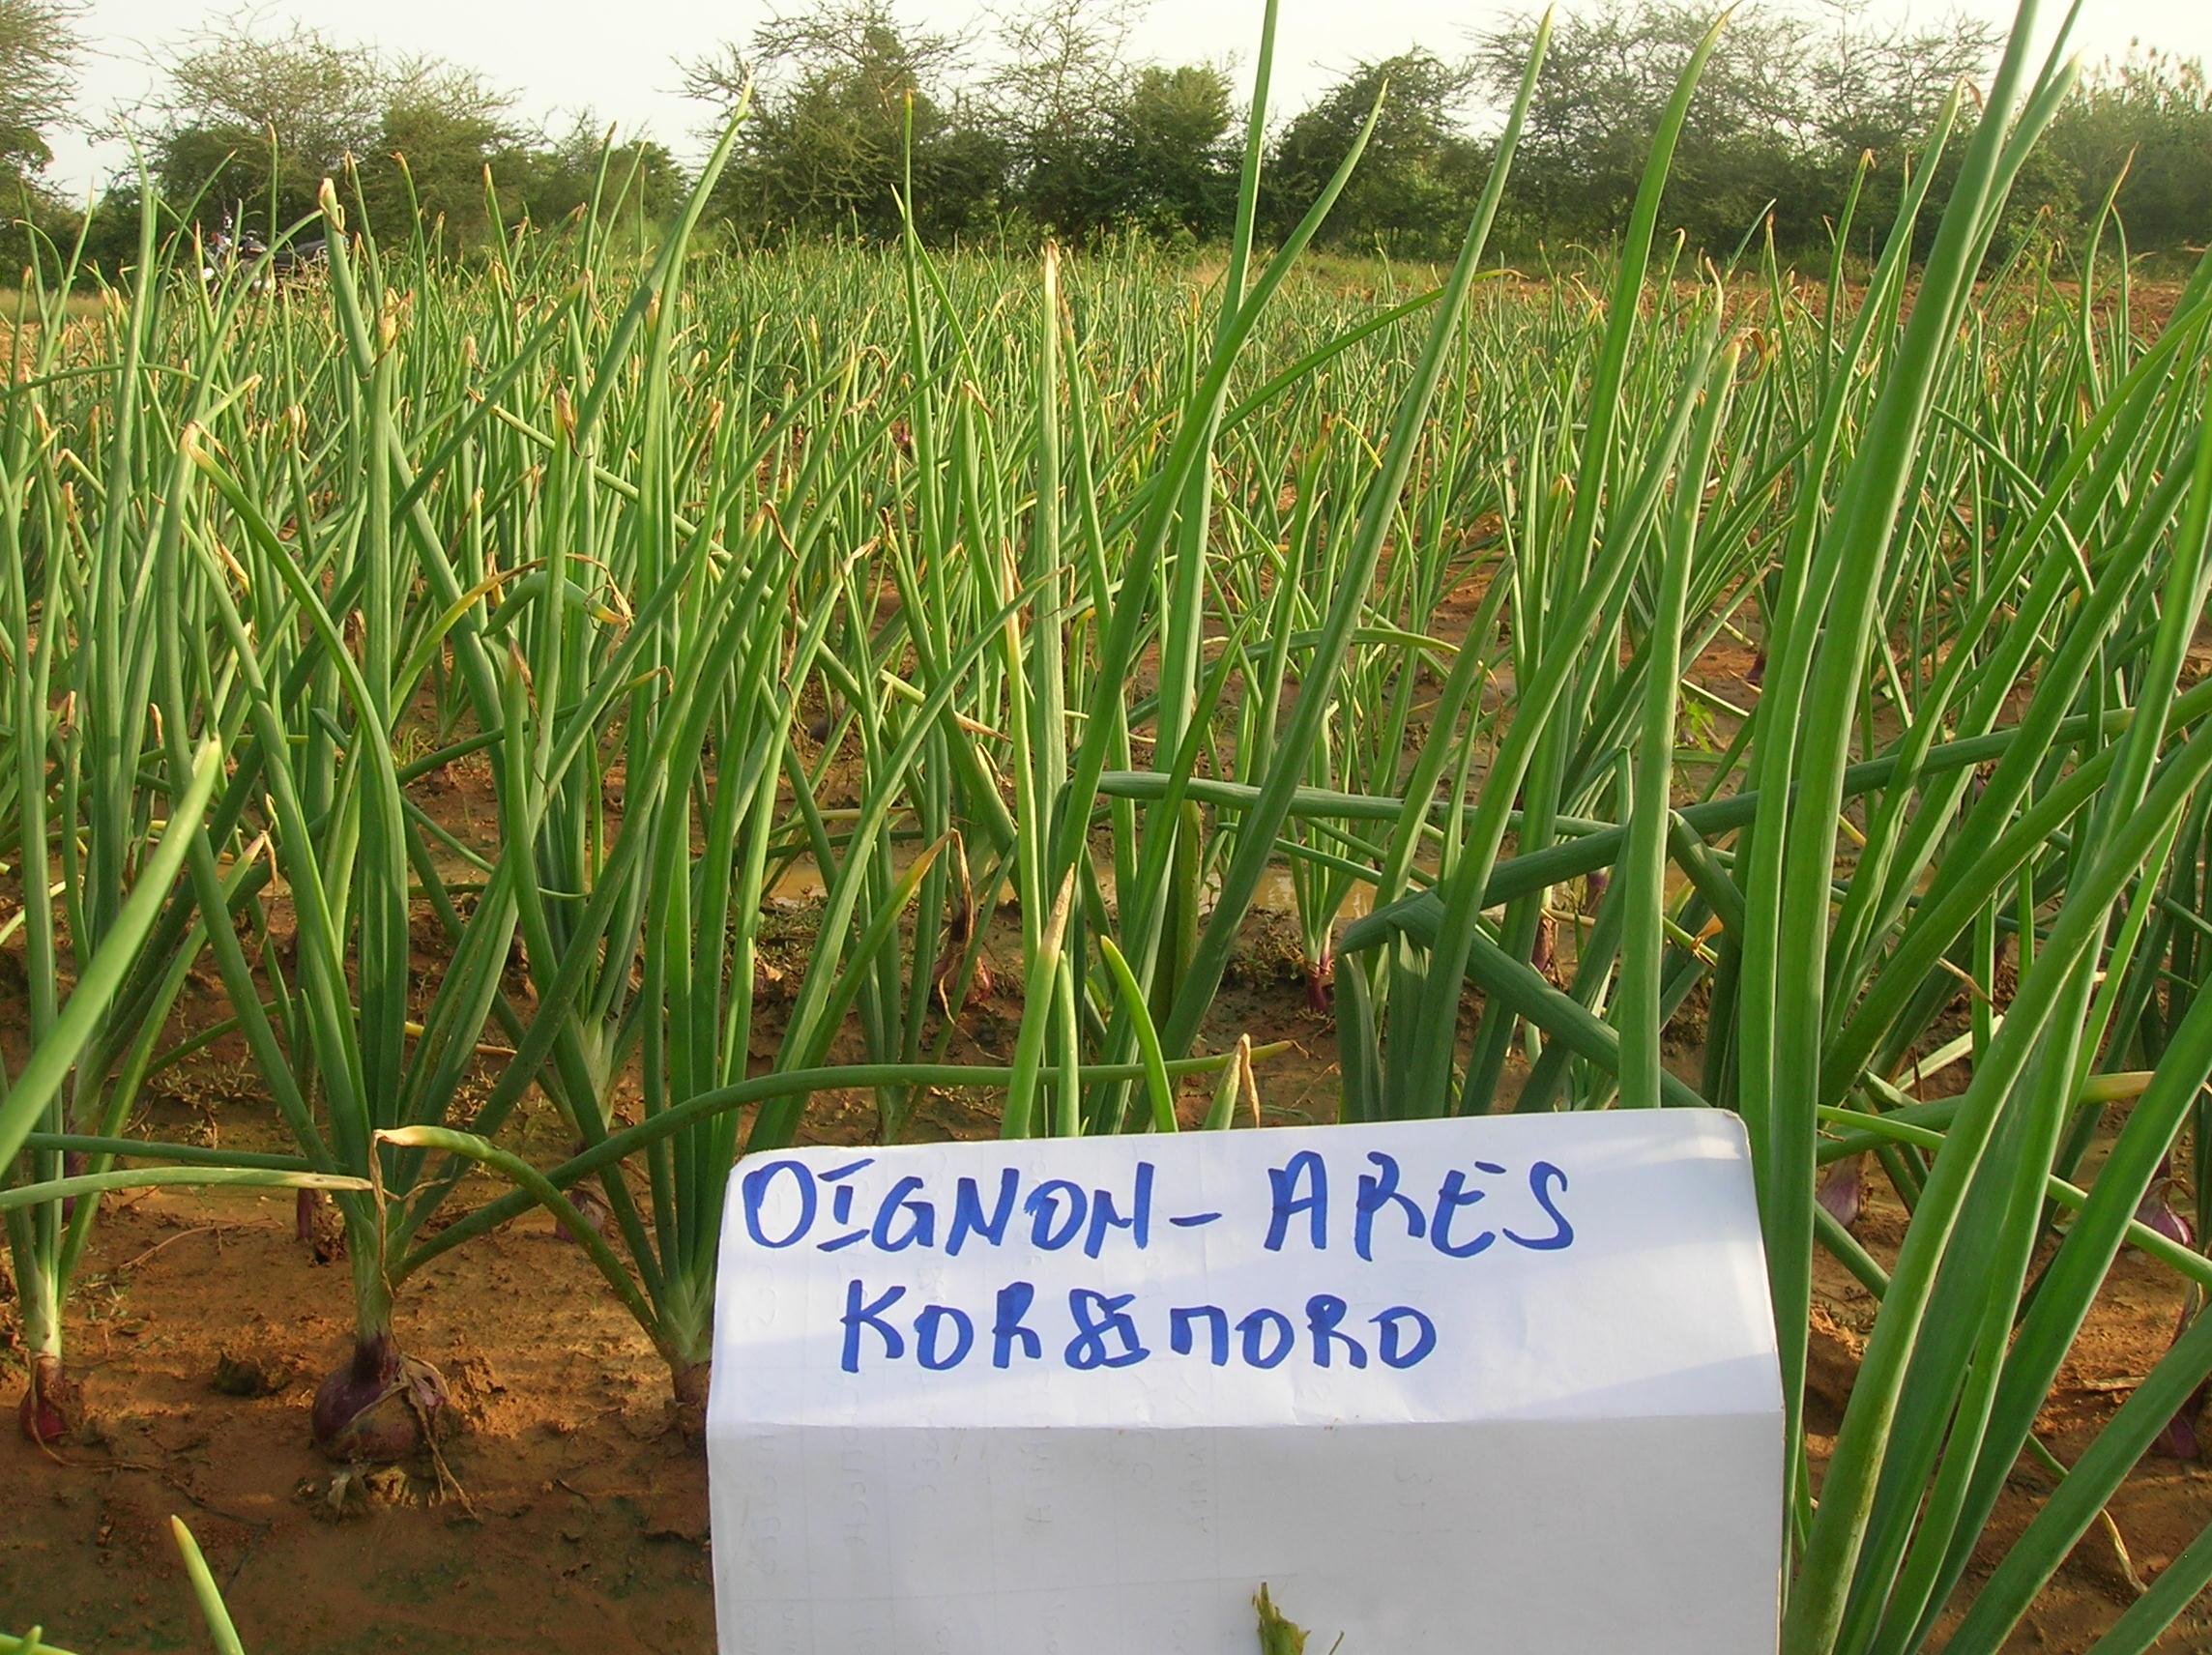 Oignon ARES - Korsimoro